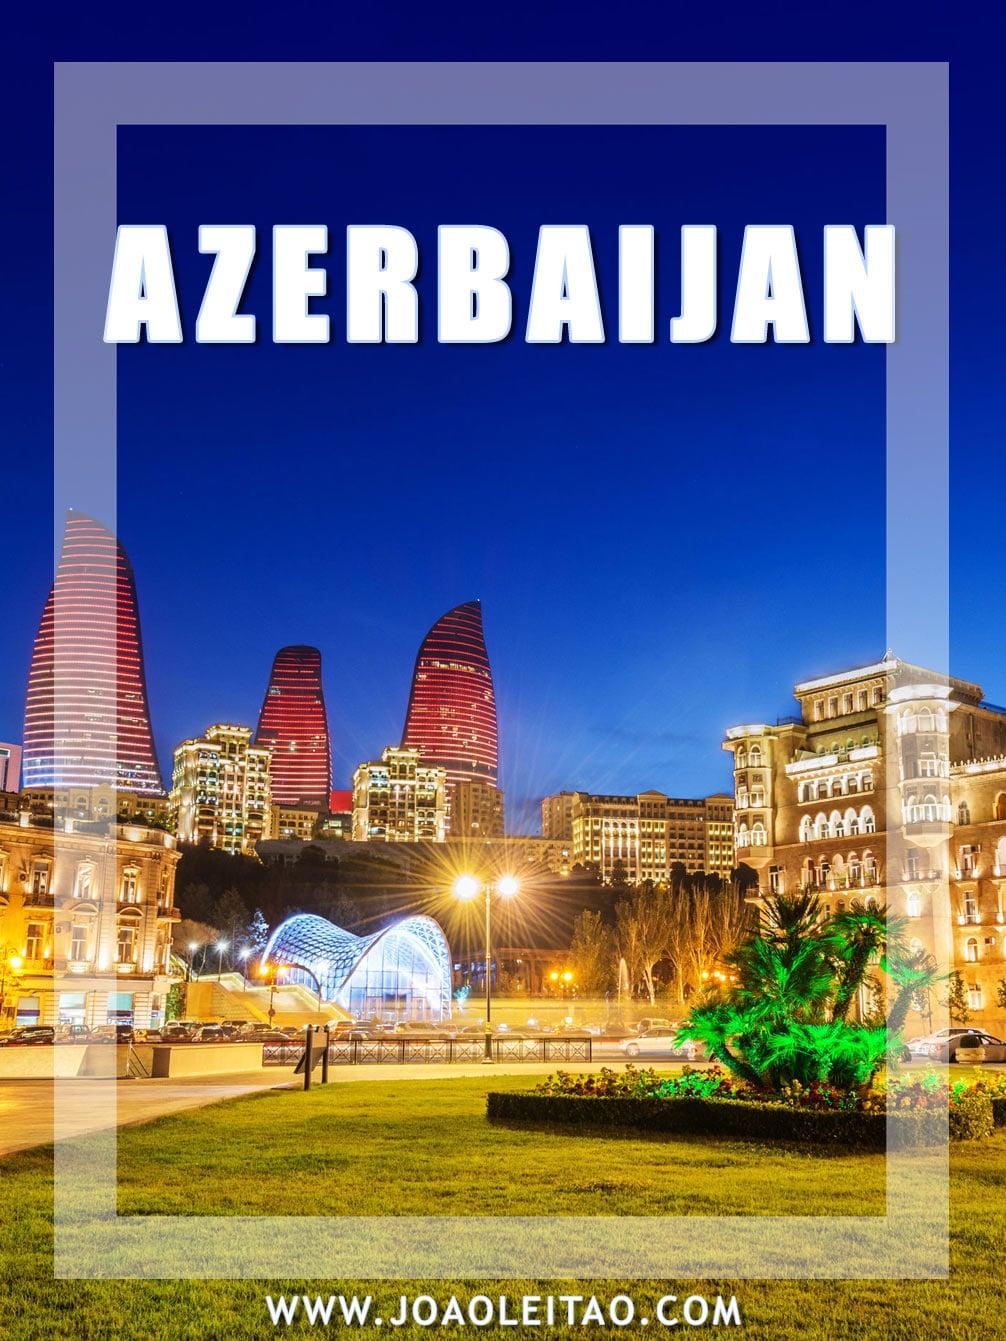 Tratamentul comun Azerbaidjan - studentscareer.ro